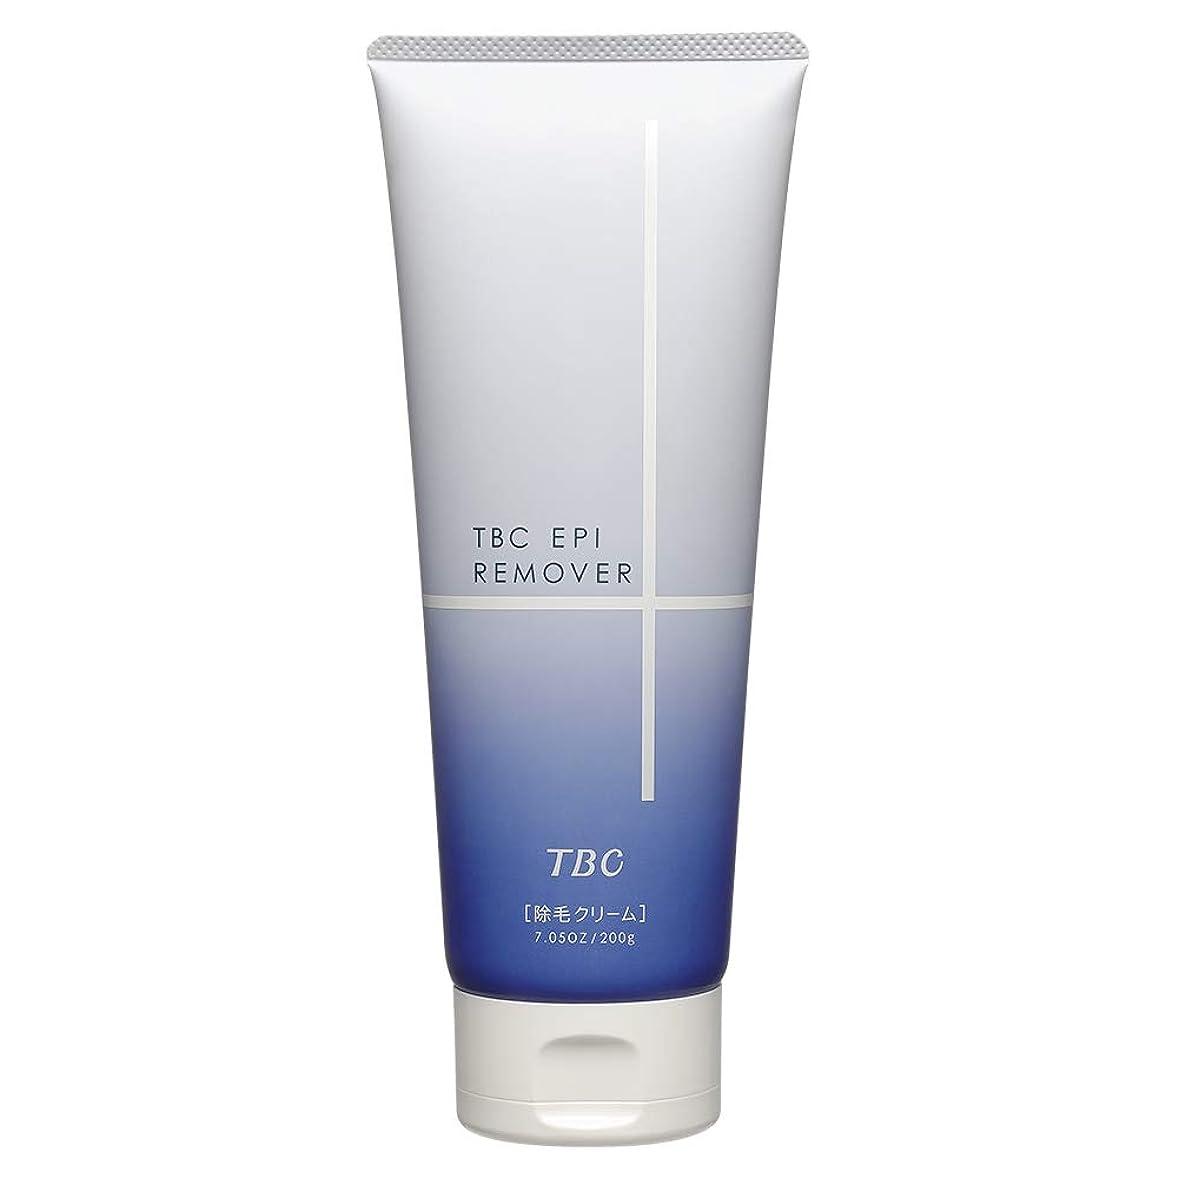 哀癒す独占エステティックTBC TBC エピリムーバー クリーム フローラルの香り 200g